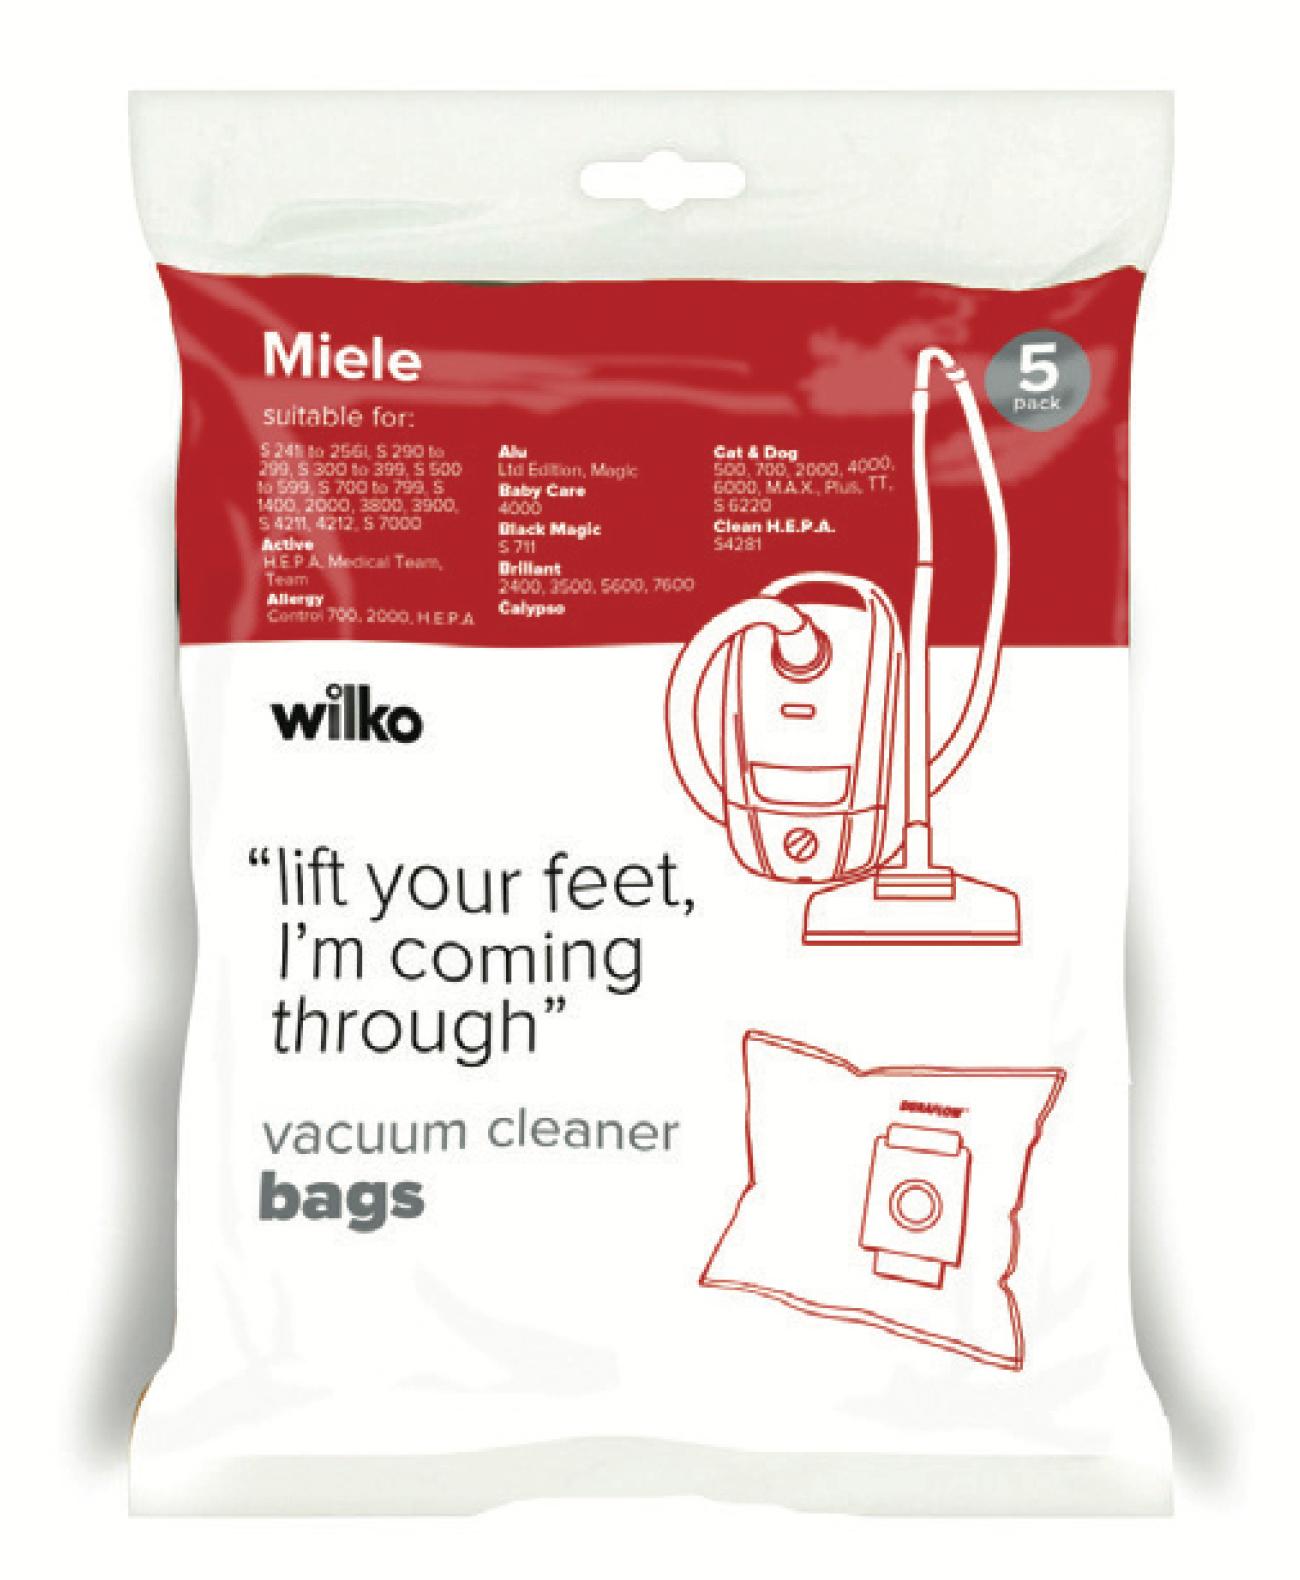 FMCG packagingd esign3.jpg